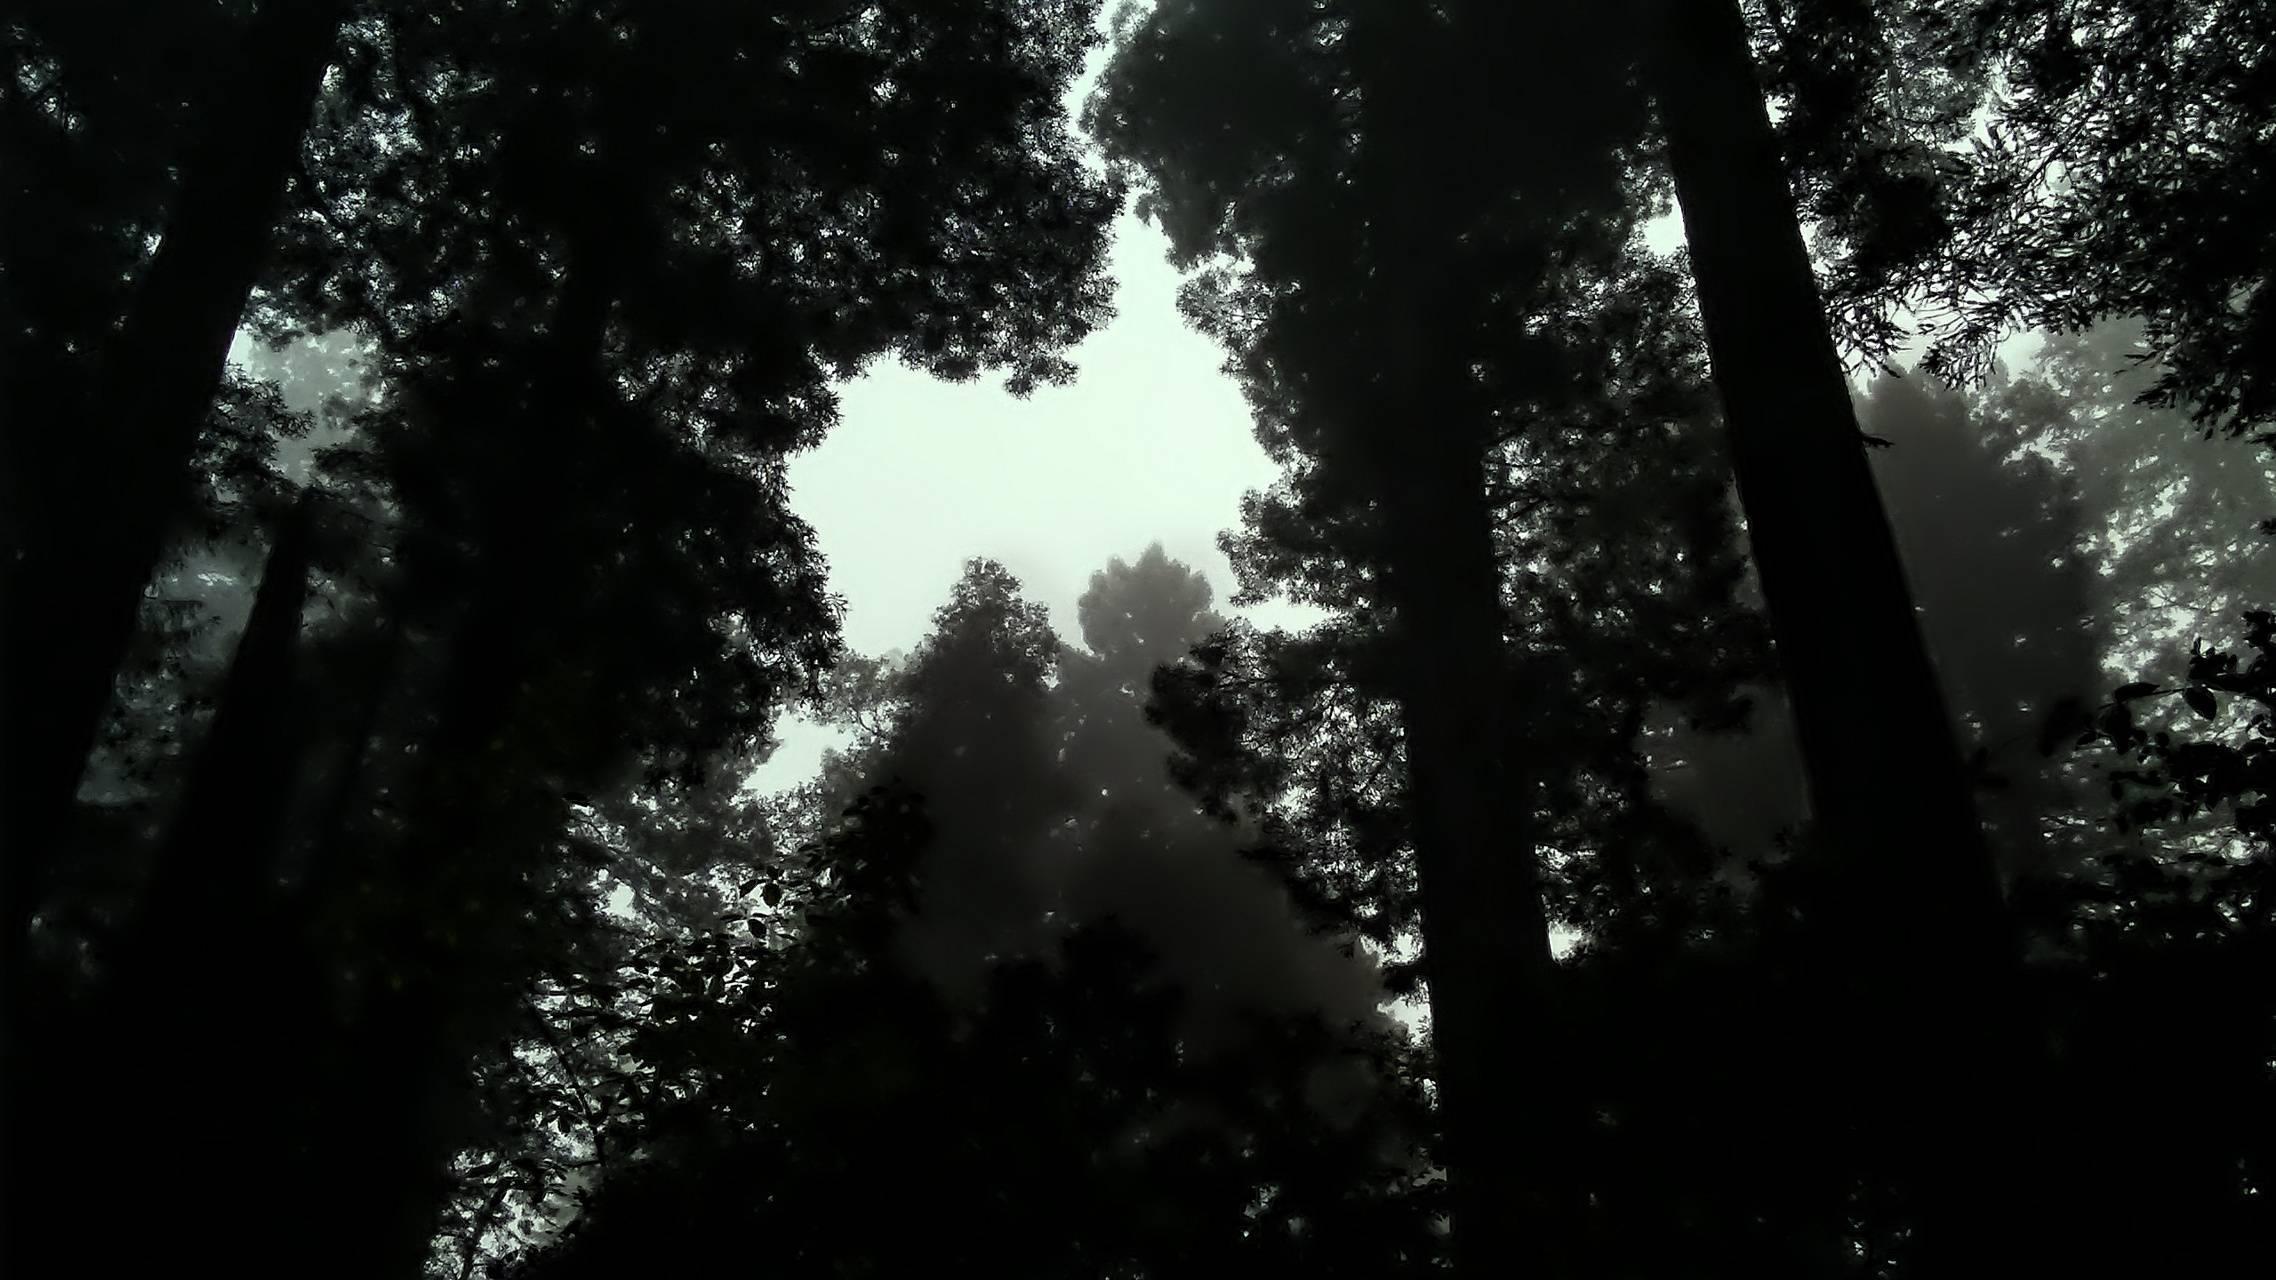 Deep in the Redwoods